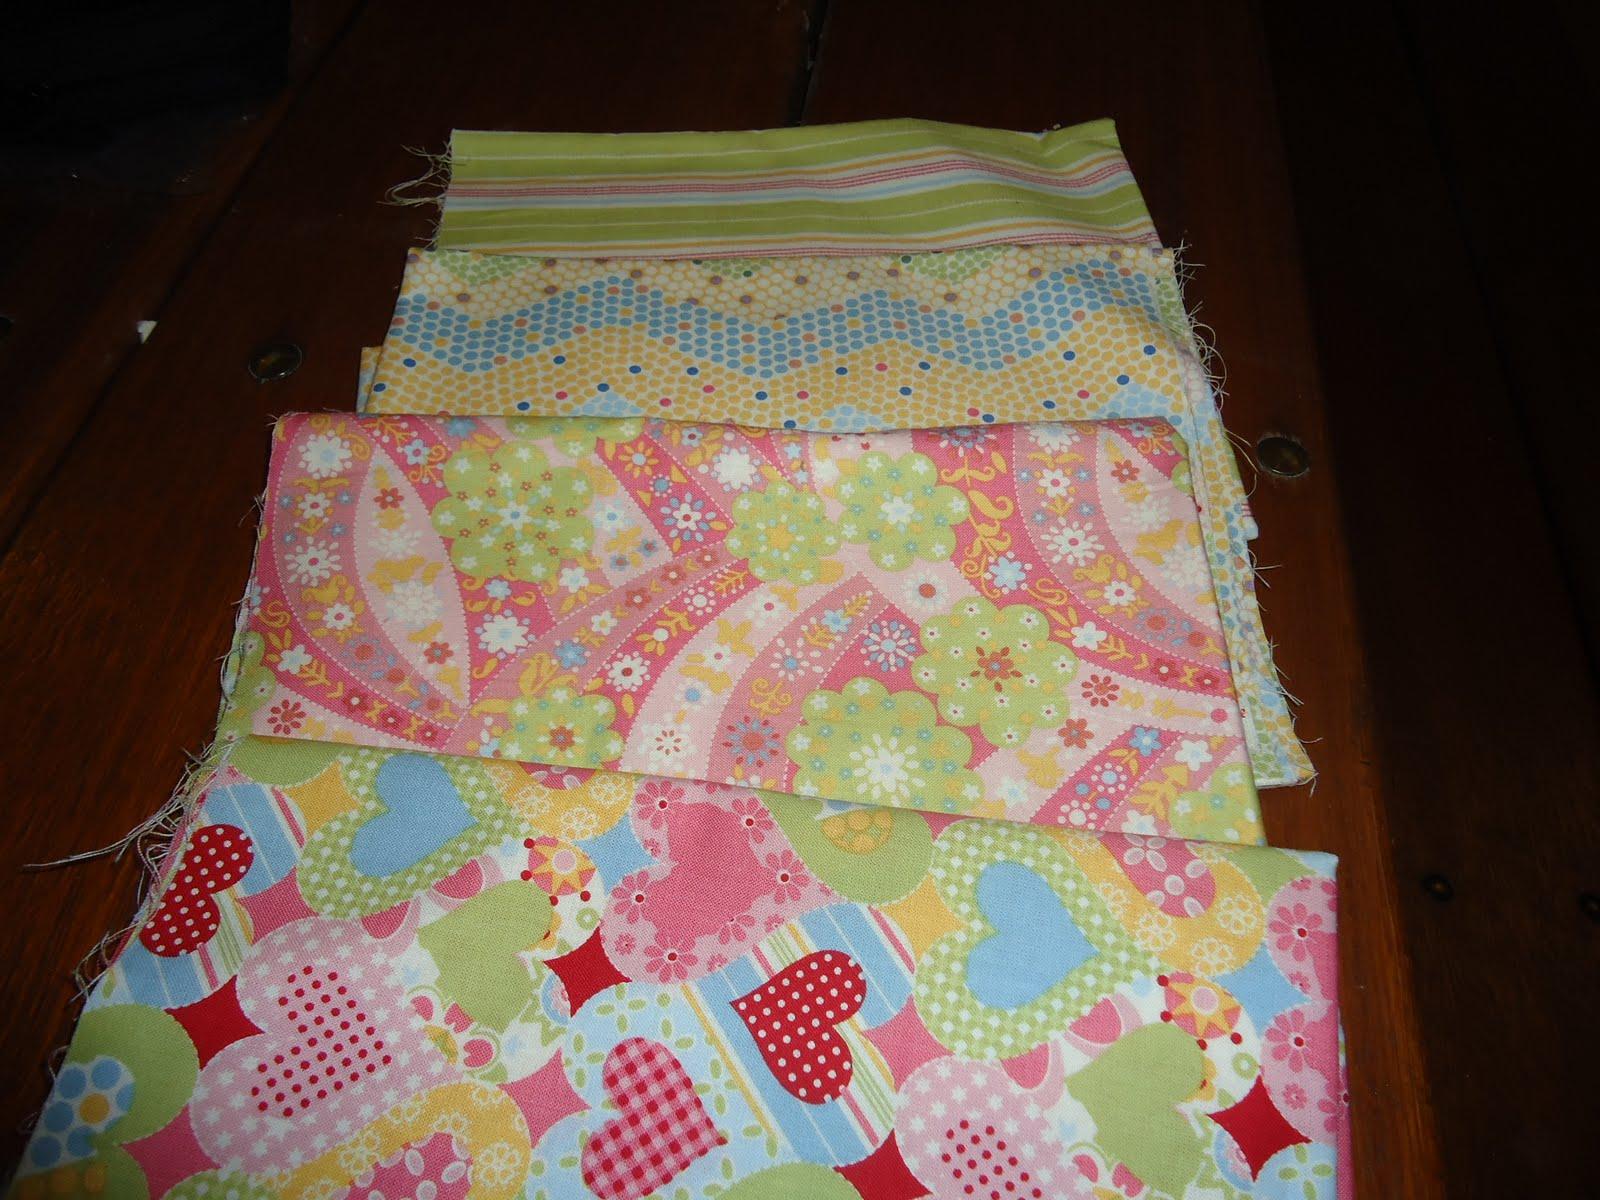 Maquina de coser buscar telas bonitas y baratas for Cocinas buenas y baratas